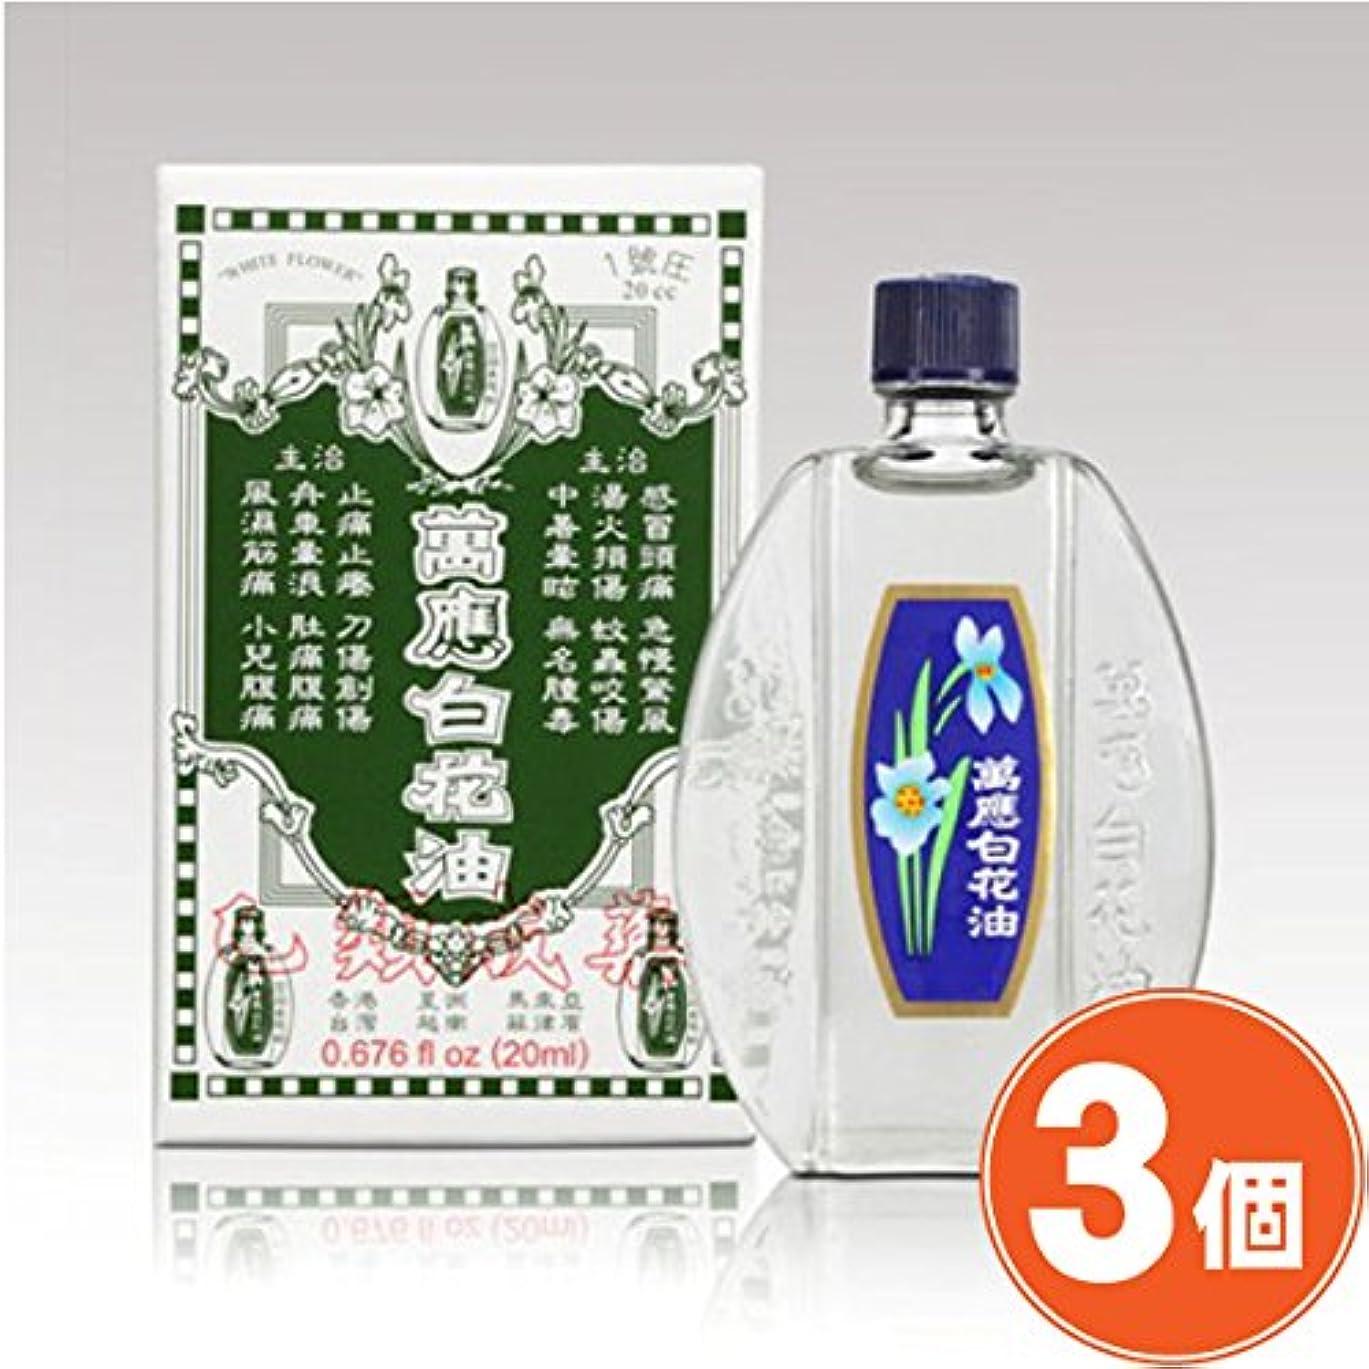 贅沢なビジネス傾いた《萬應白花油》 台湾の万能アロマオイル 万能白花油 20ml × 3個《台湾 お土産》 [並行輸入品]